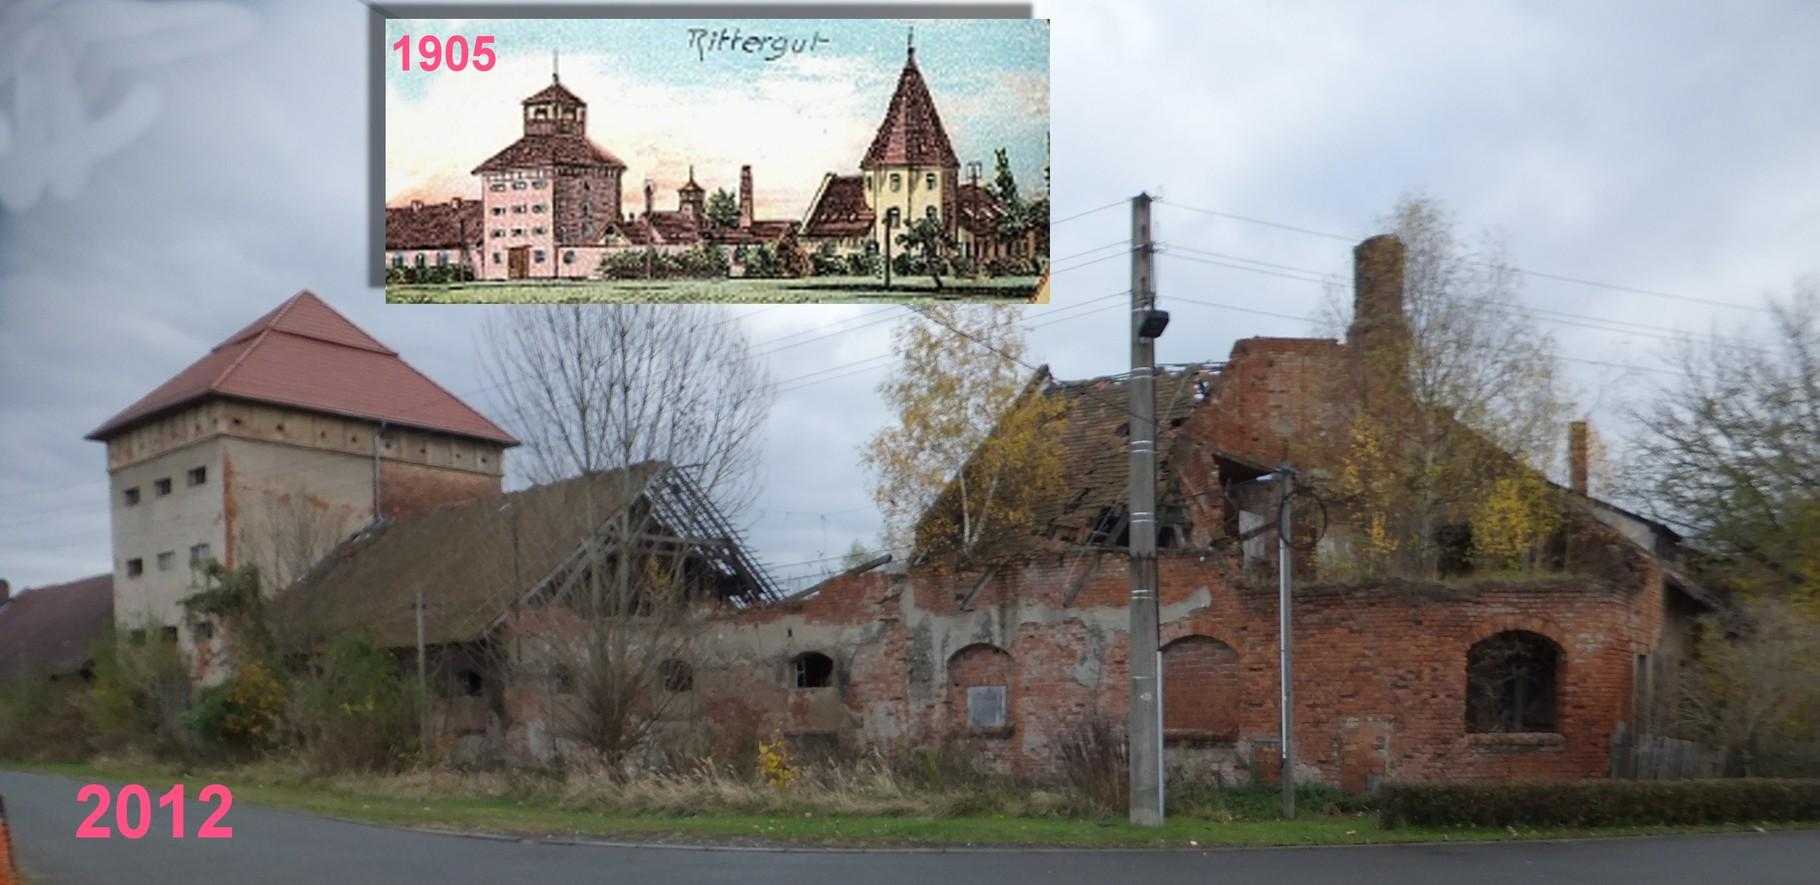 Falkenhain Minckwitz'sches Gut einst und heute